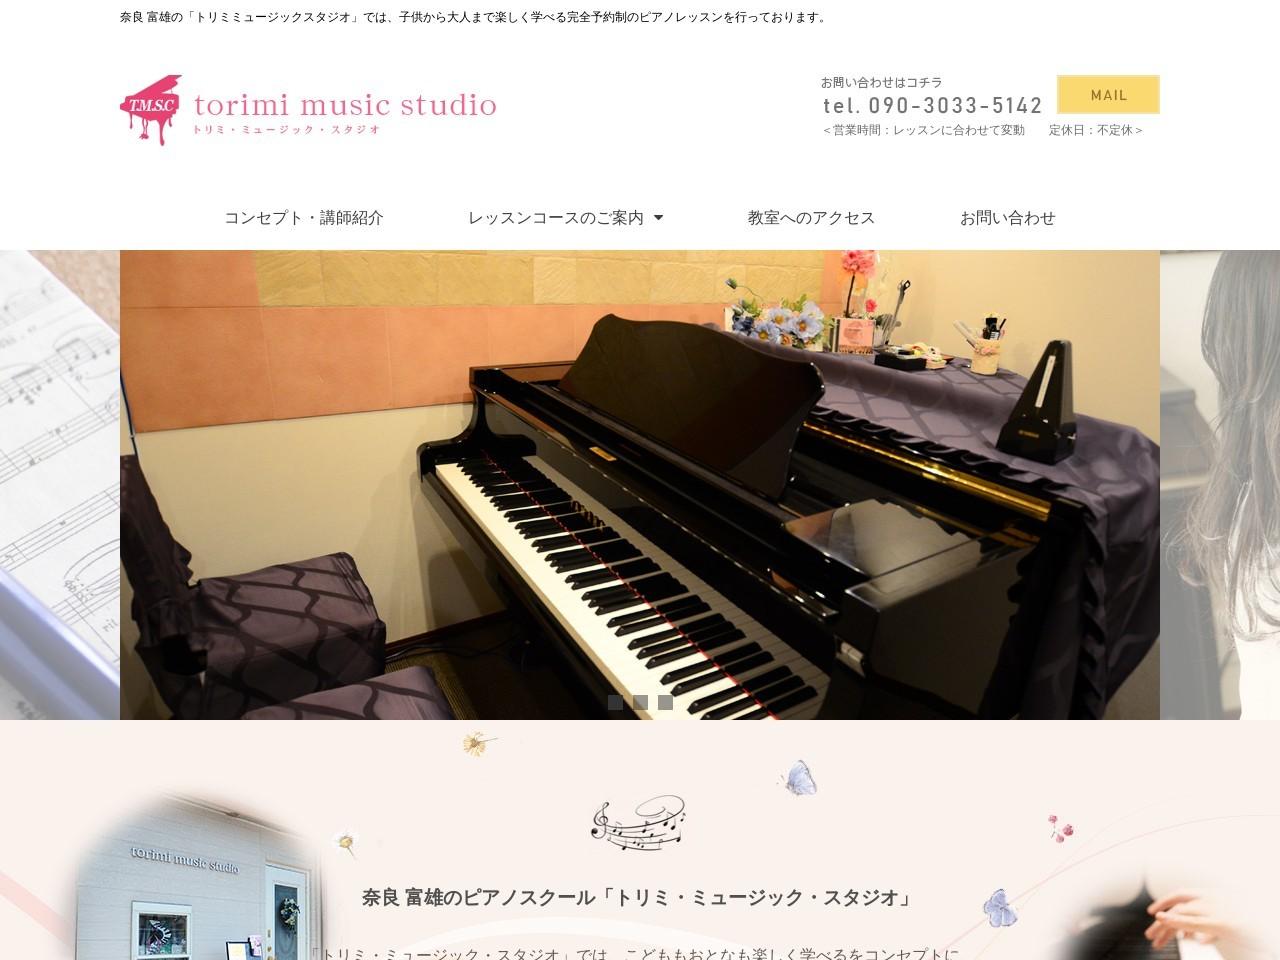 トリミミュージックスタジオのサムネイル